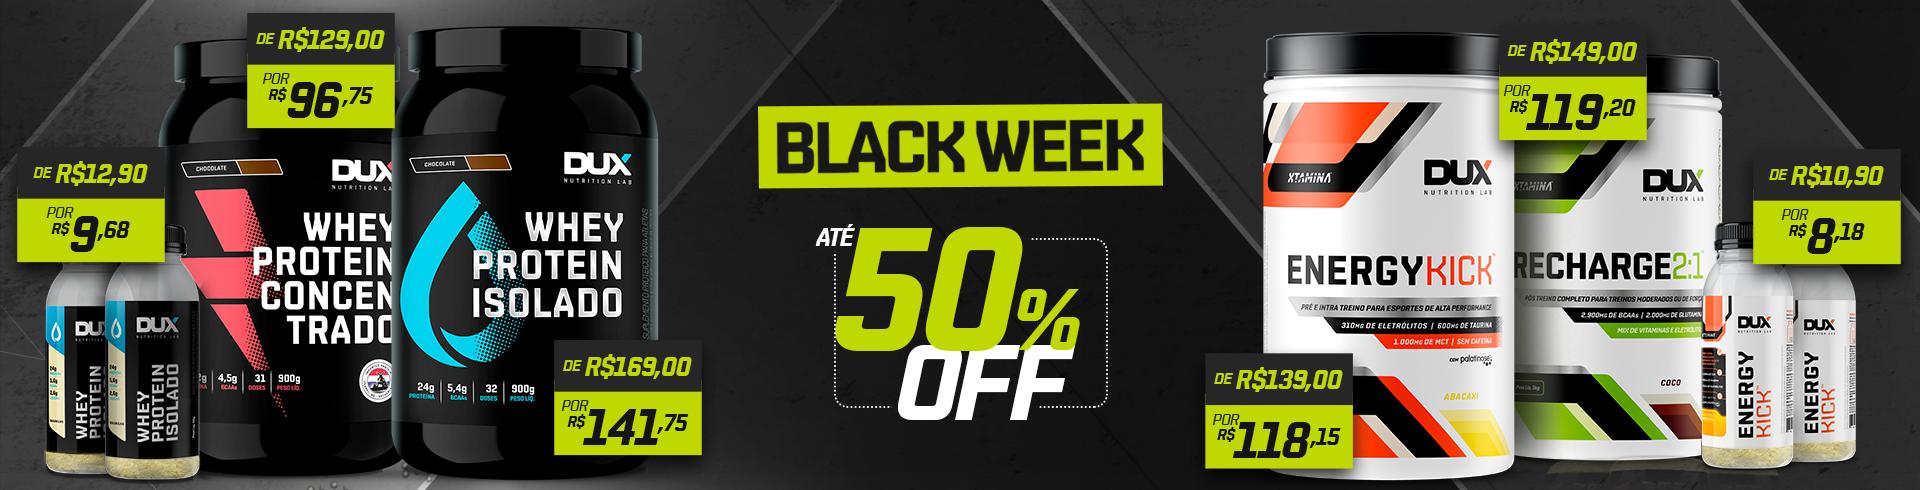 Banner Black Week 2